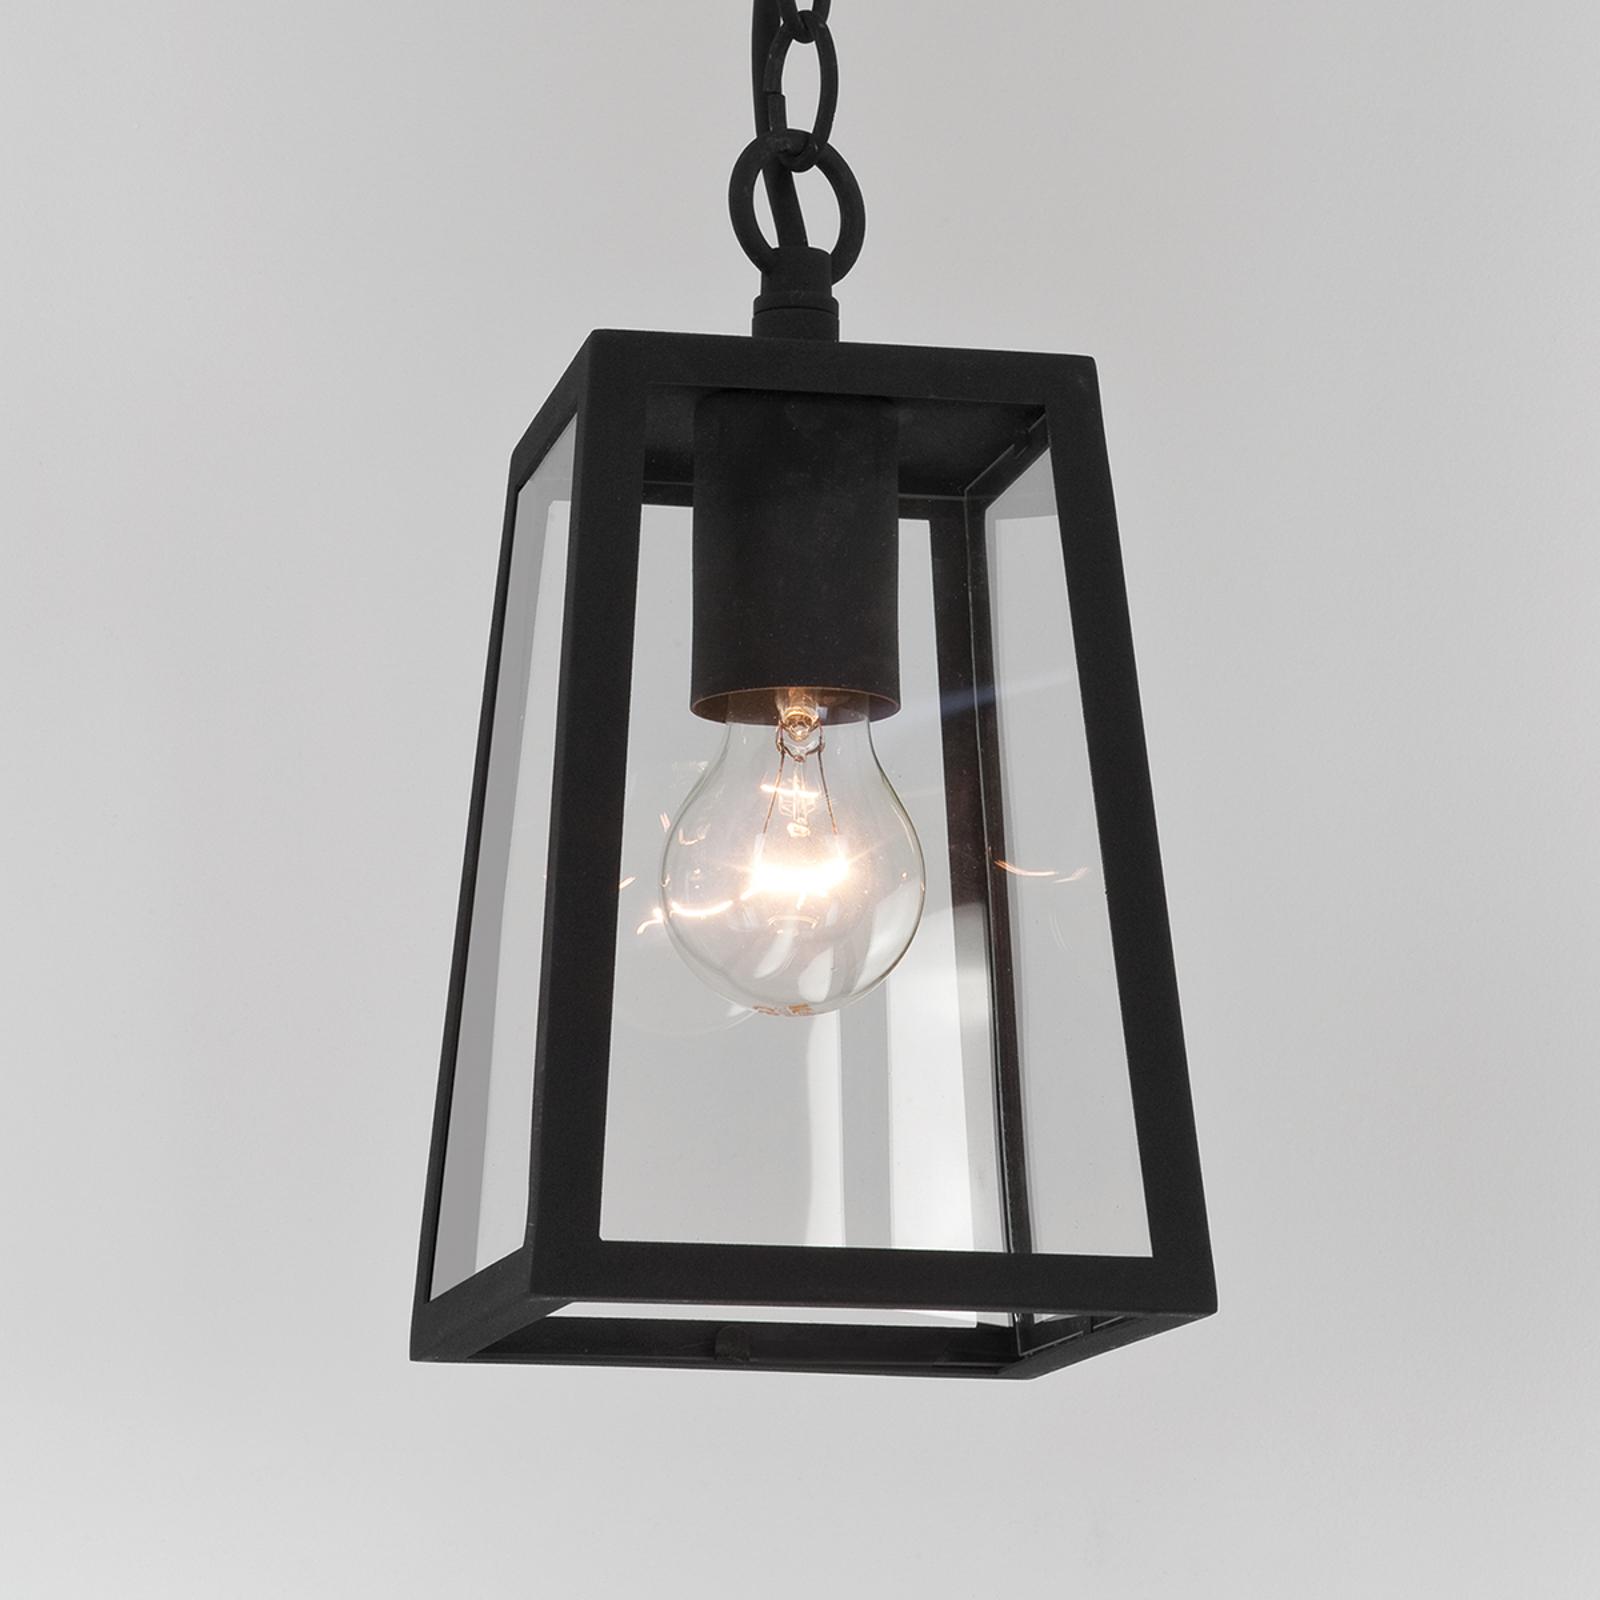 Lampada sospesa Calvi per esterni, cornice nera